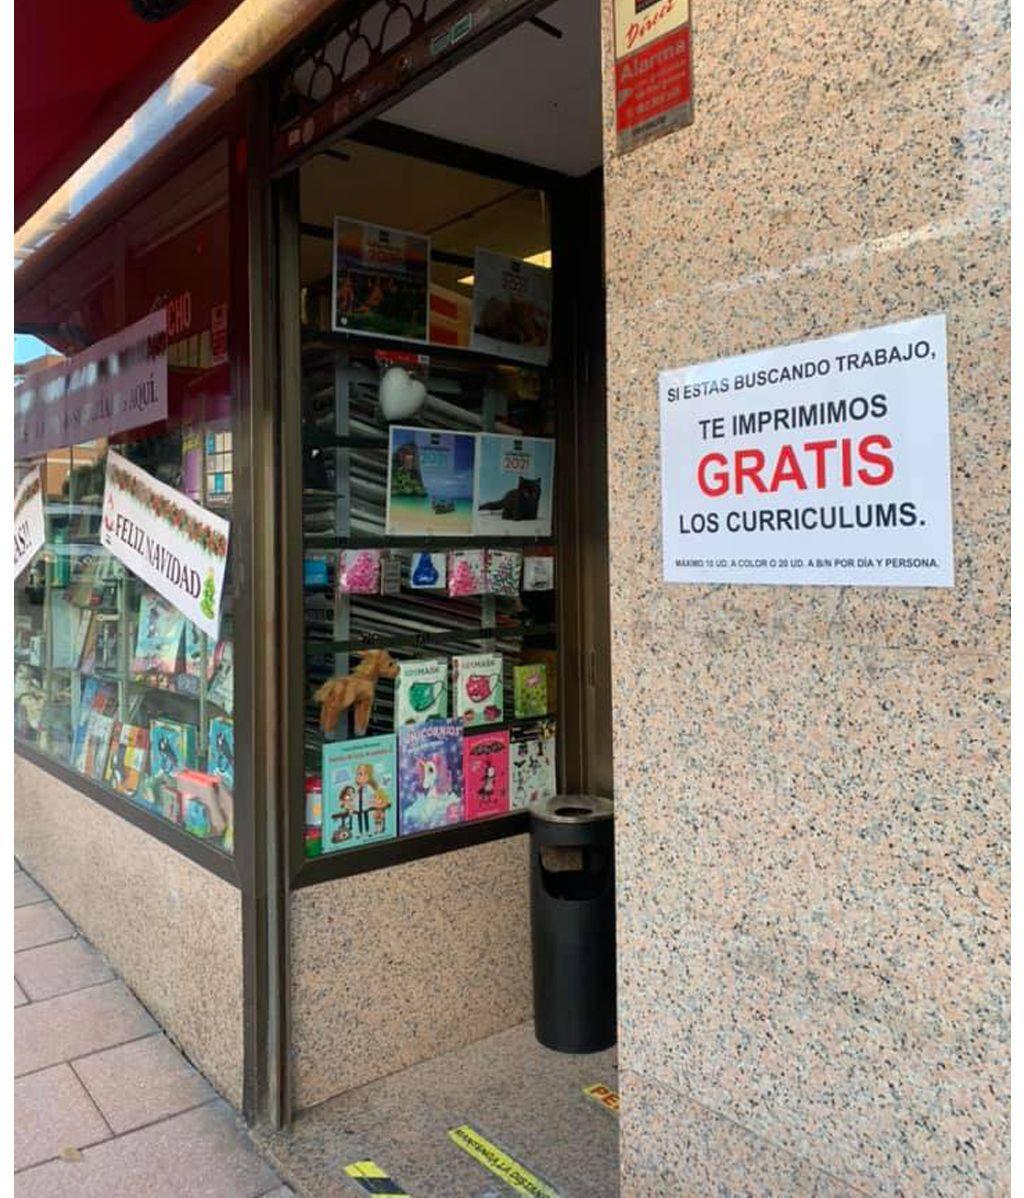 La Papelería Murillo ofrece gratis imprimir los currículums a los parados